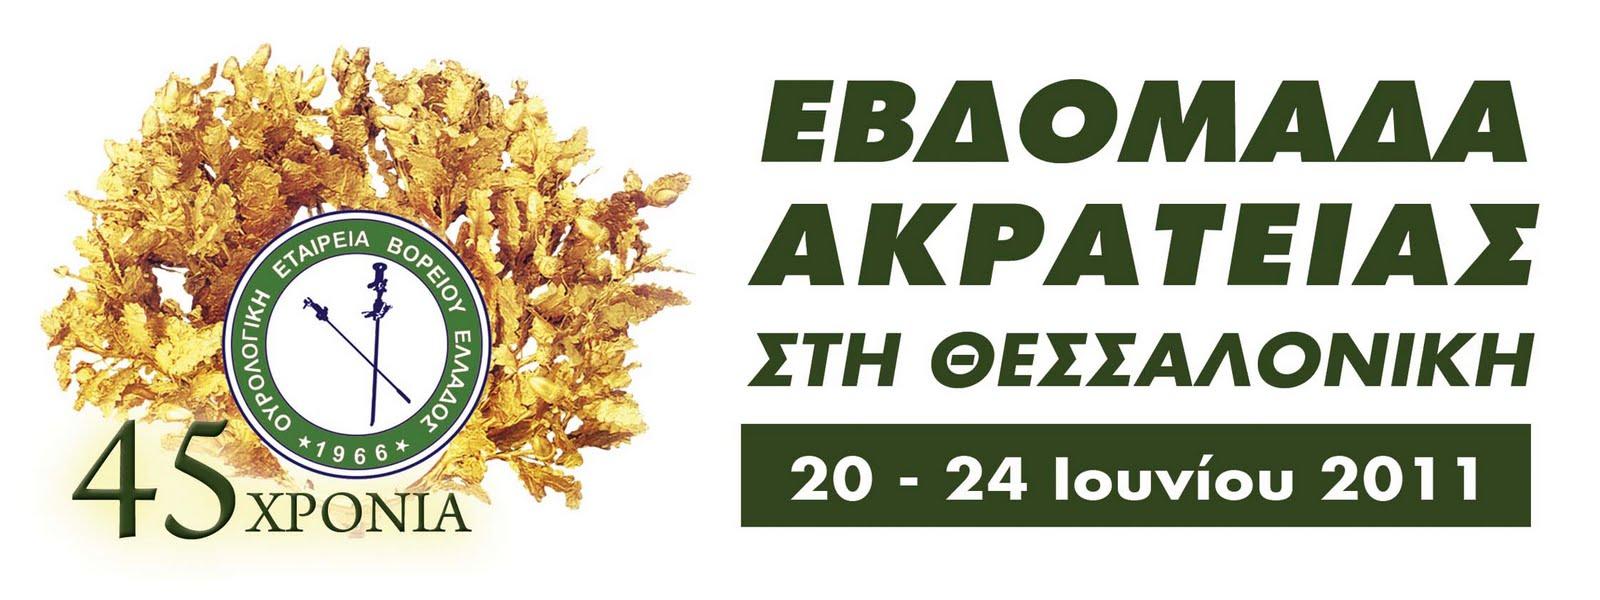 Εβδομάδα Ακράτειας (20-26 Ιουνίου 2011)